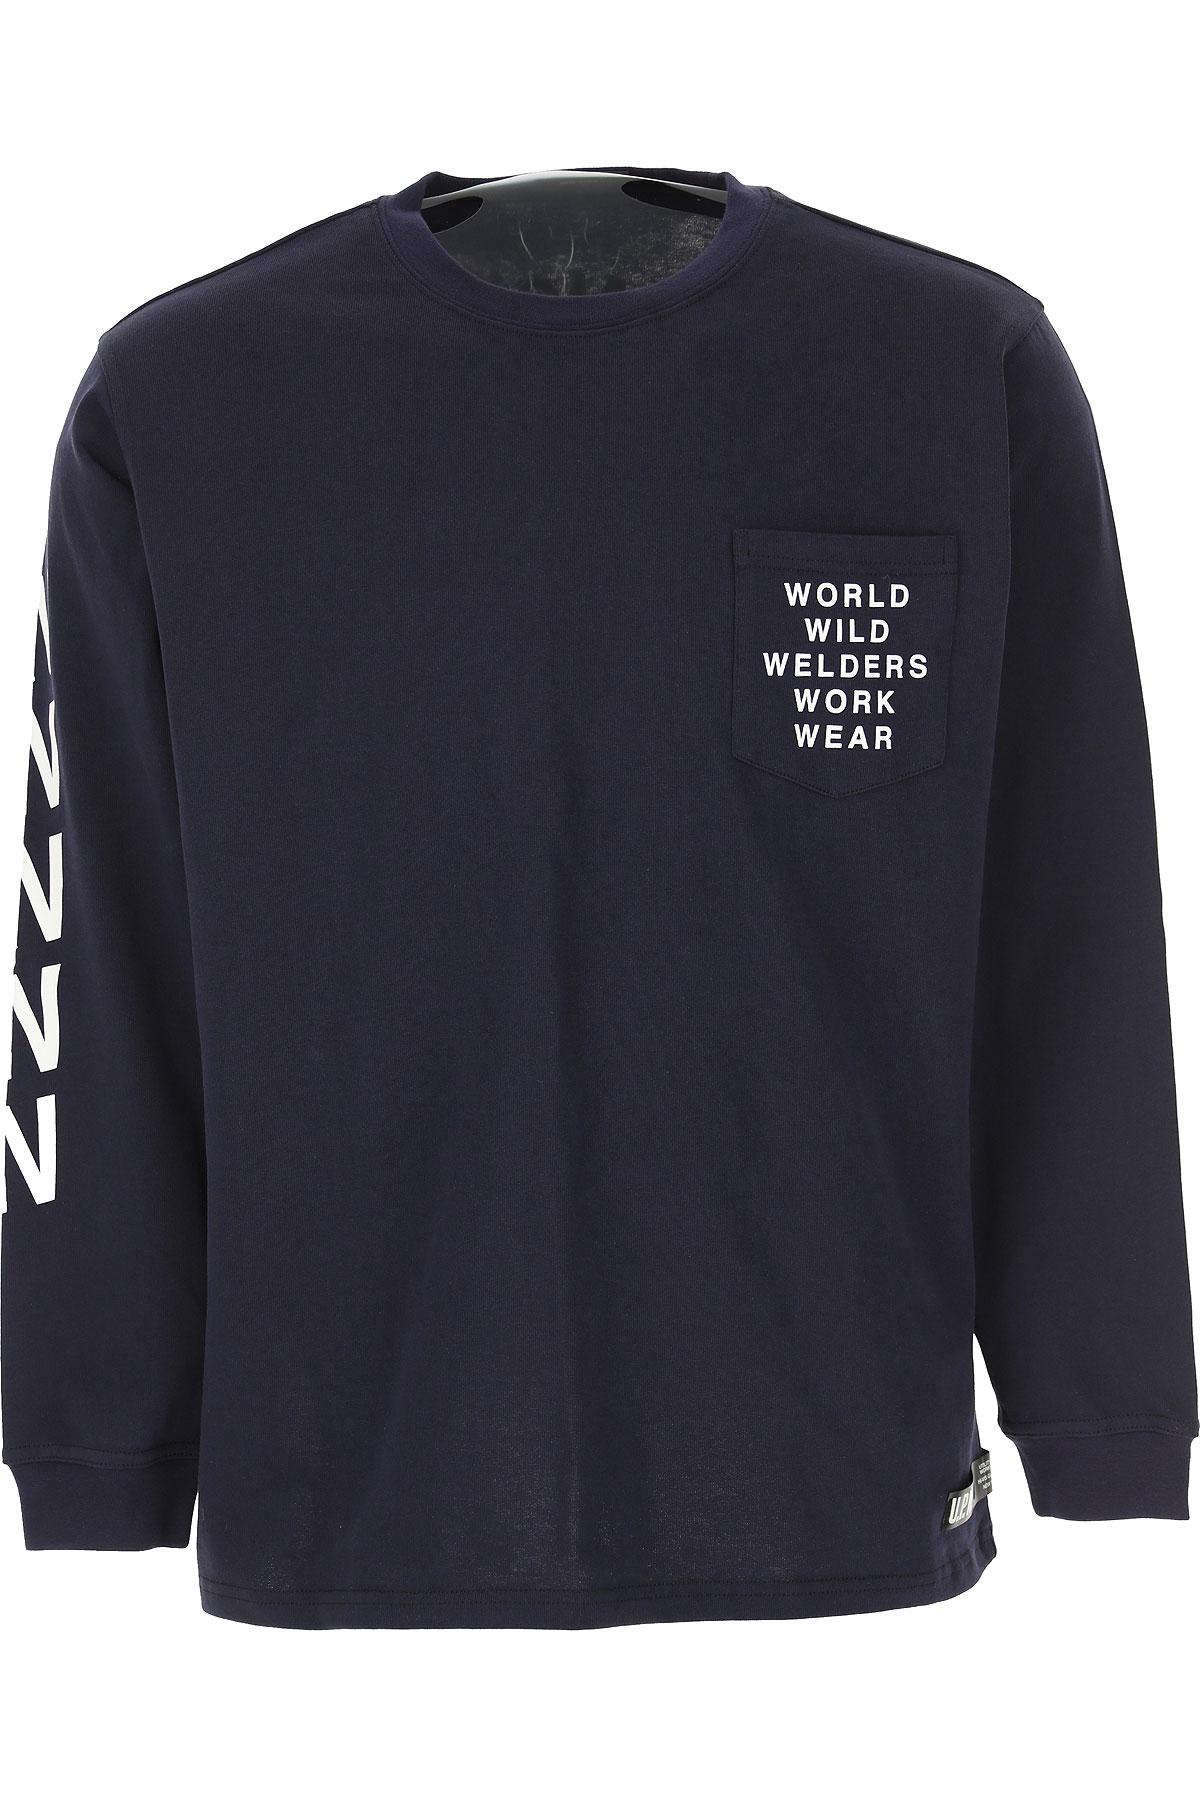 U.P.W.W. T-shirt Homme Pas cher en Soldes, Bleu, Coton, 2019, L M S XS